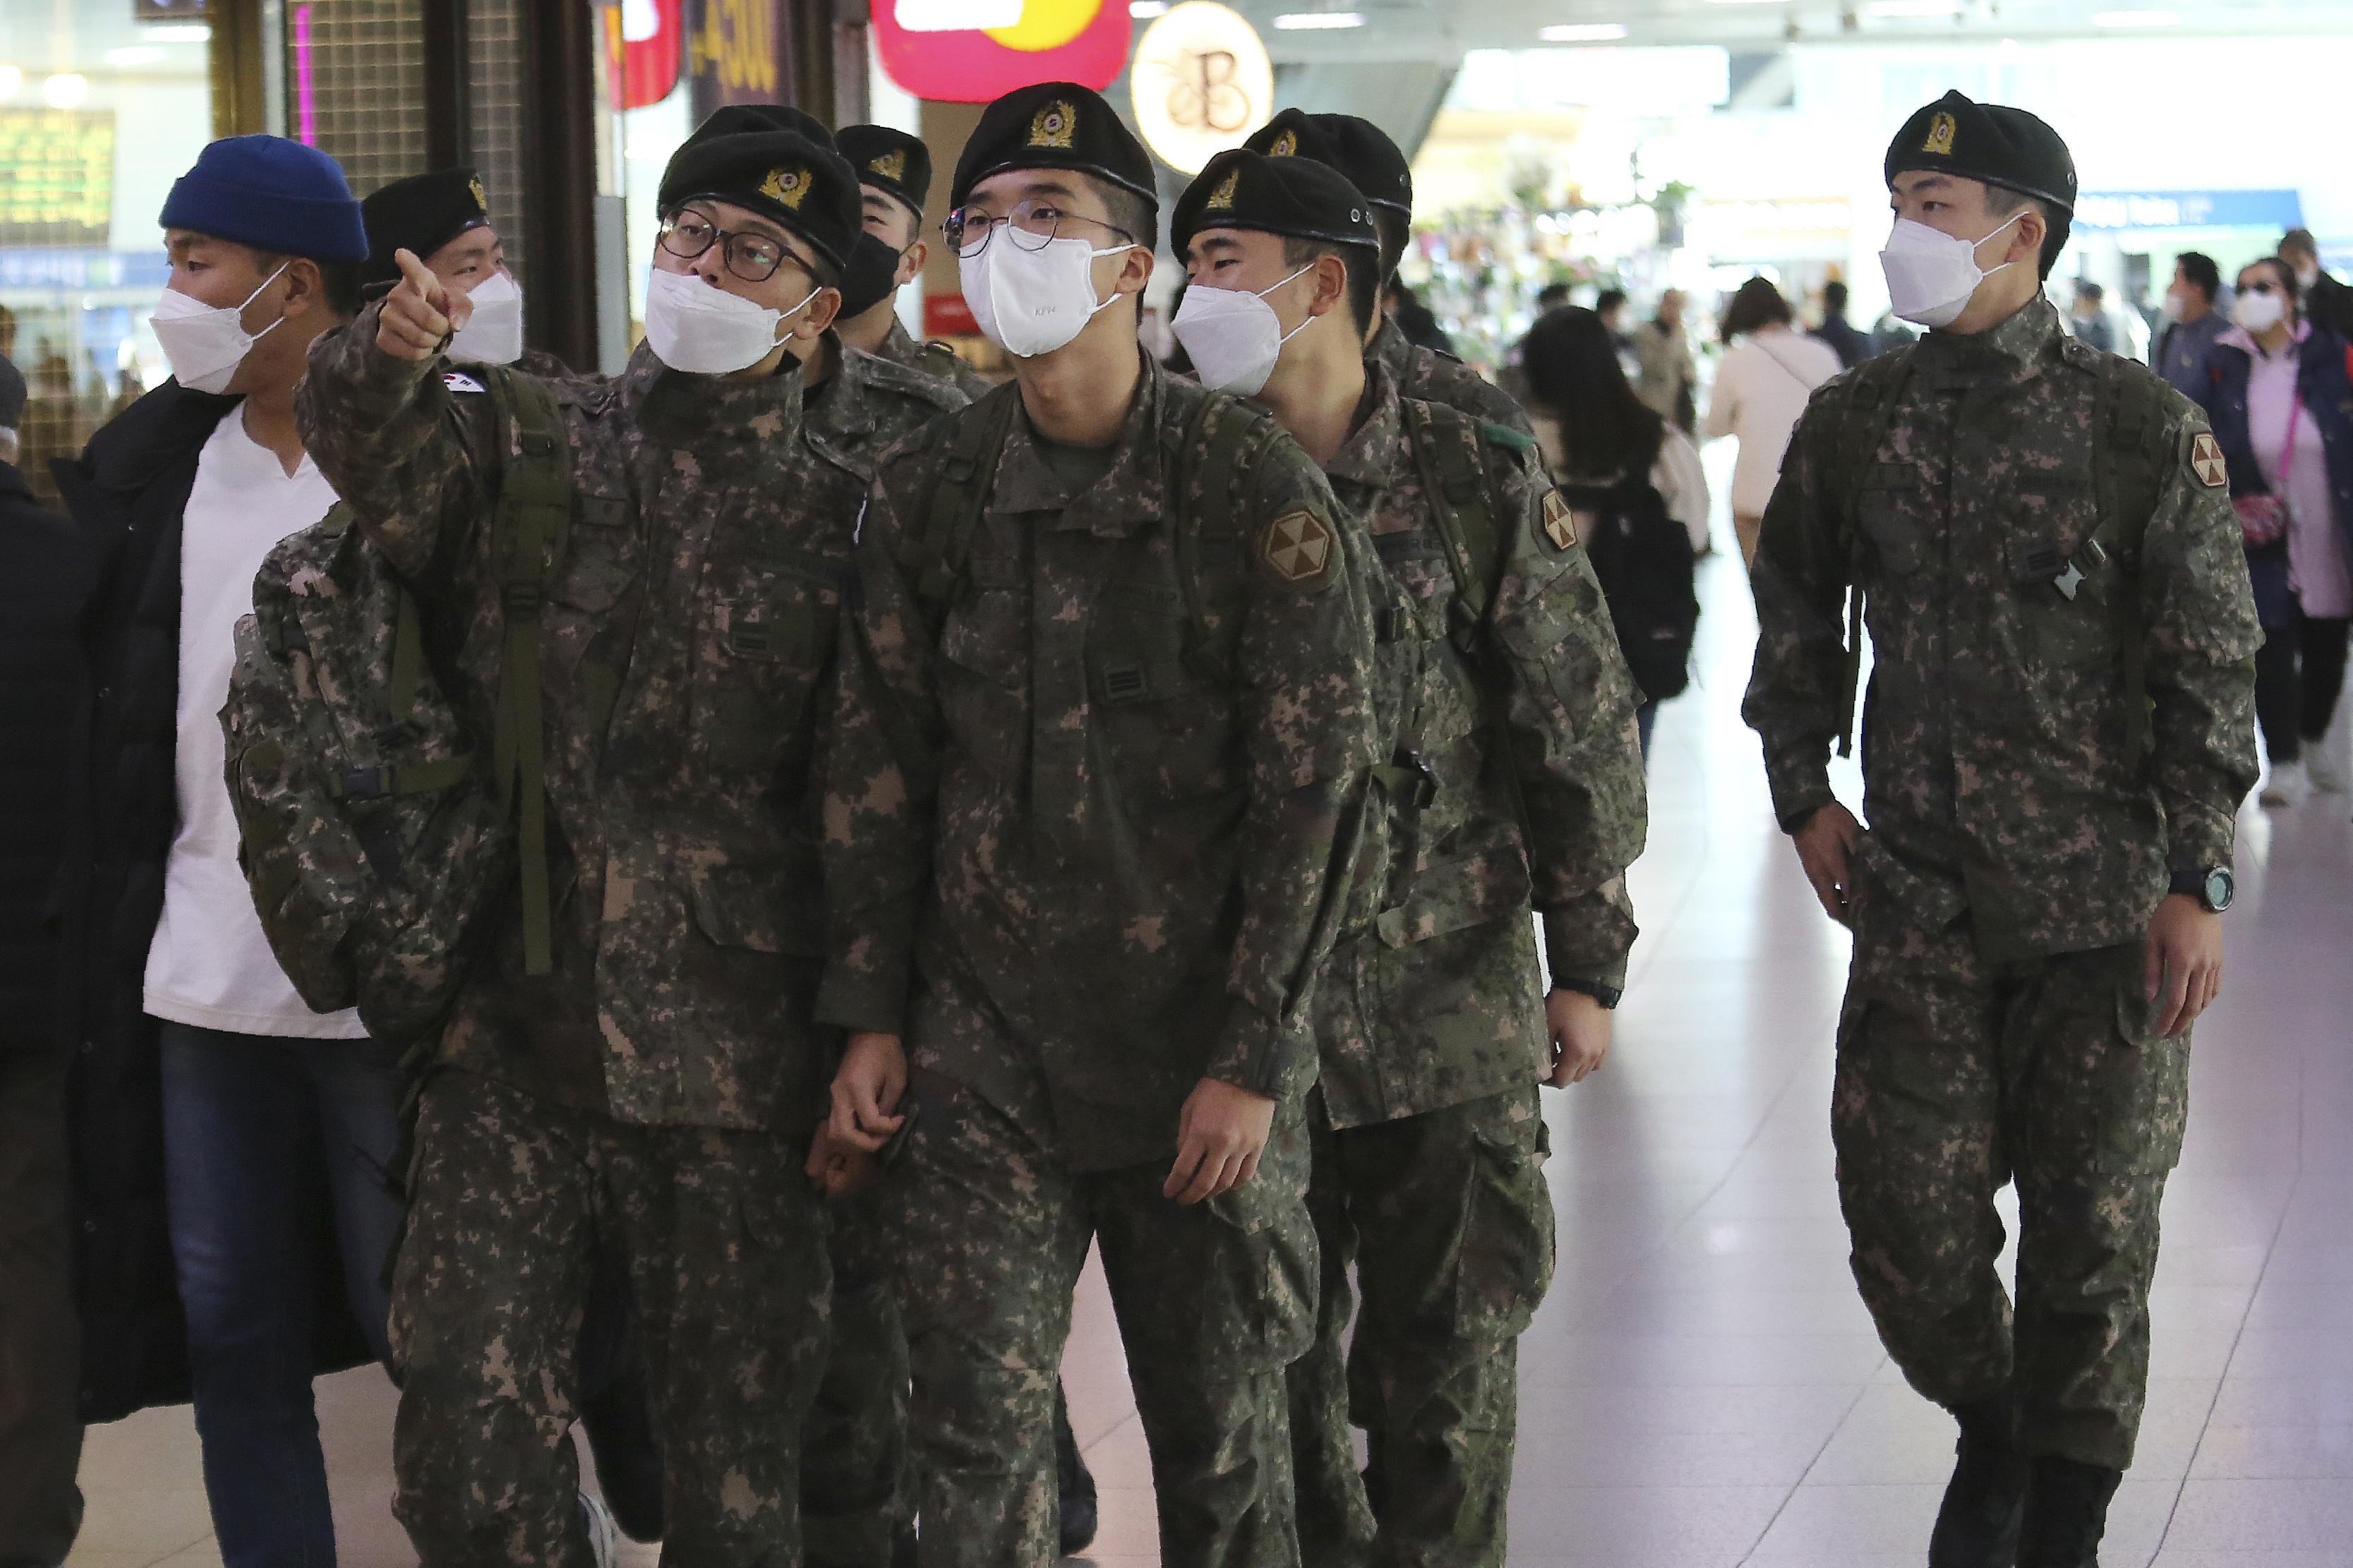 ▲▼南韓京畿道漣川郡陸軍部隊出現最大規模群聚感染。(示意圖/達志影像/美聯社)